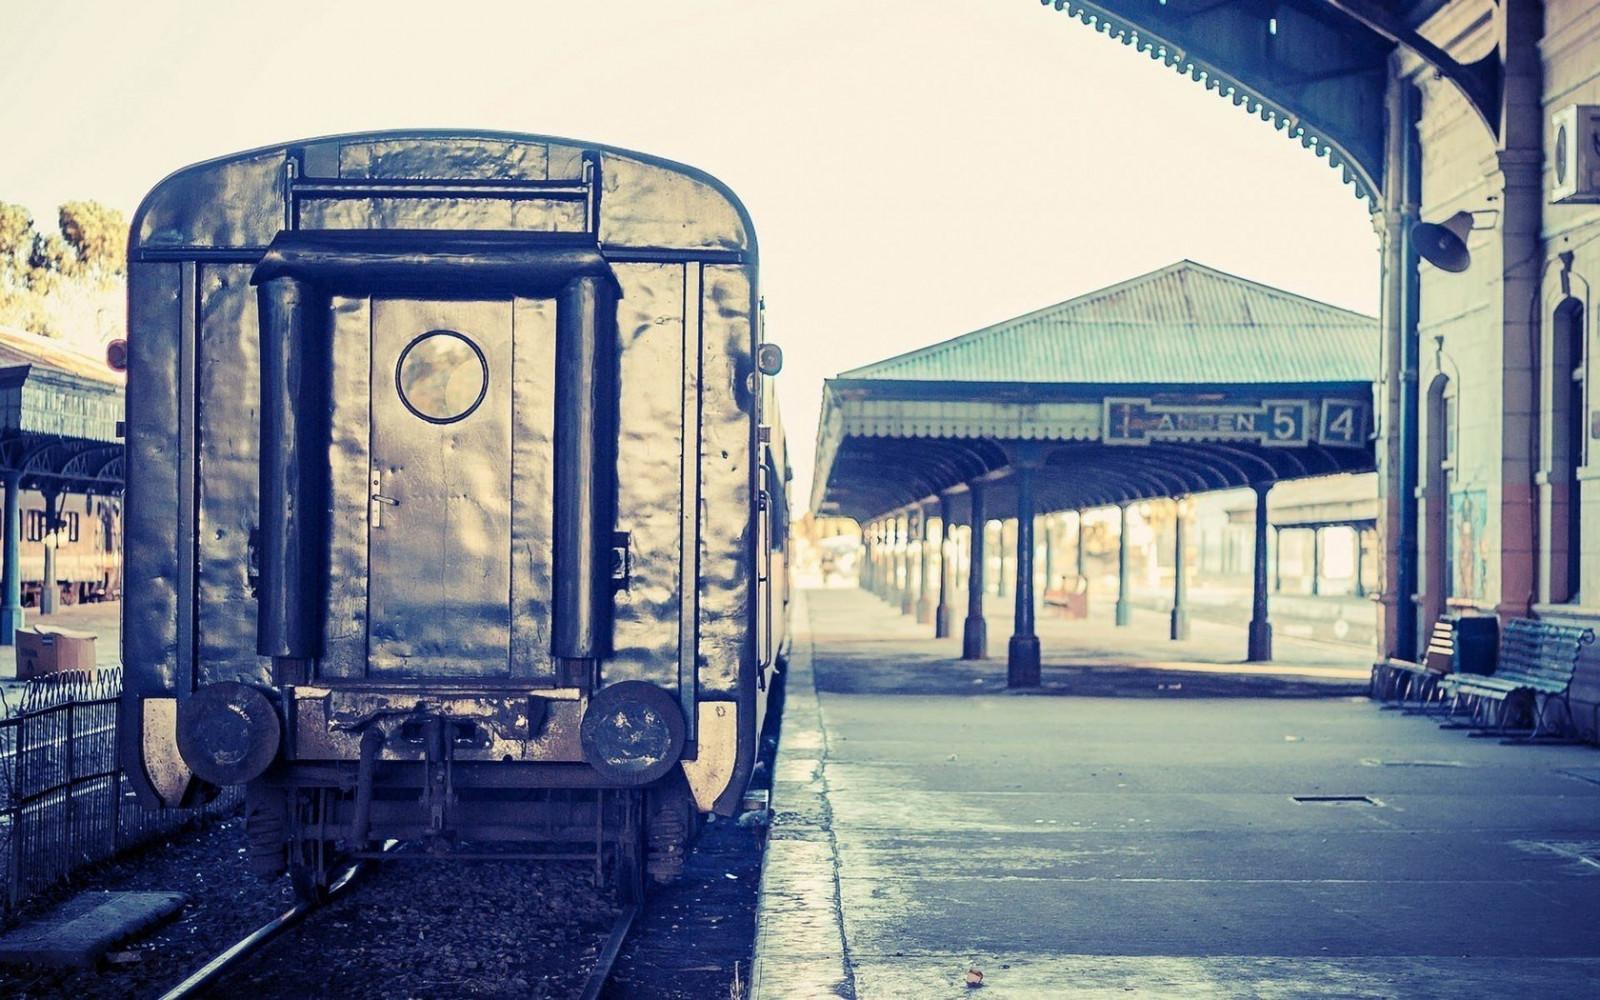 デスクトップ壁紙 1680x1050 Px コーチ 鉄道駅 列車 1680x1050